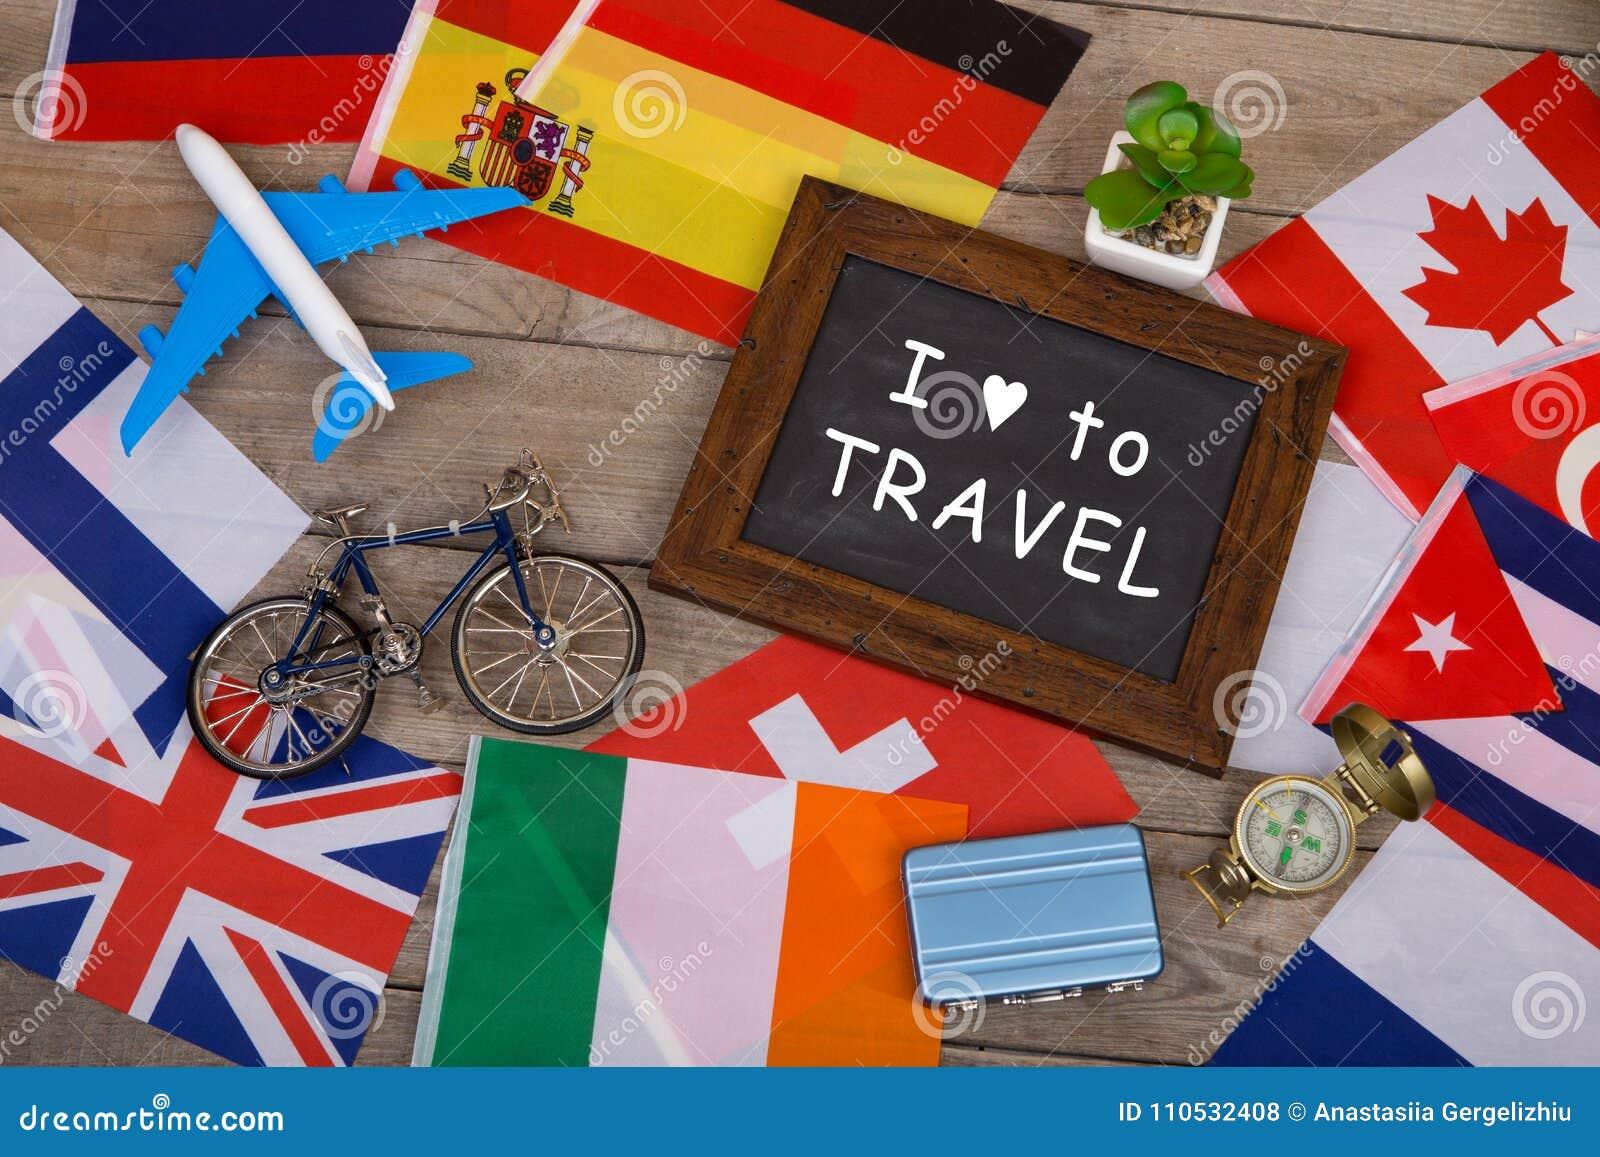 Quadro-negro com texto & x22; Eu amo a Travel& x22; , bandeiras de países diferentes, modelo do avião, pouca bicicleta e mala de